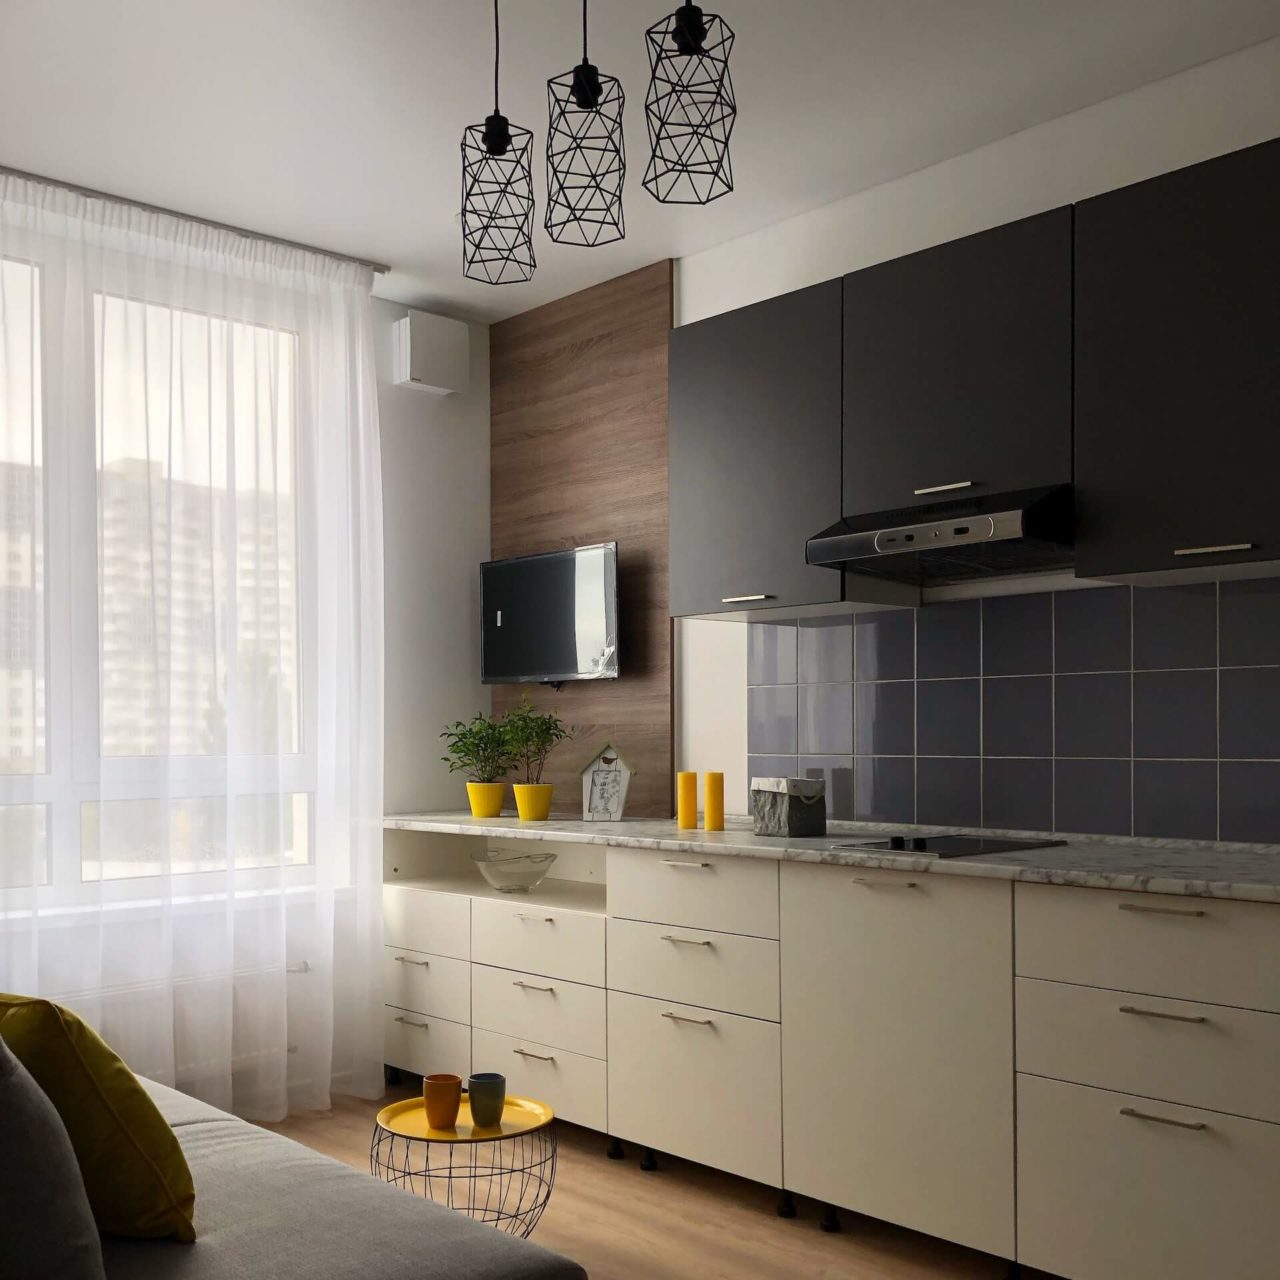 Дизайн проект квартира студия с одной спальней, бежевая ЖК ФайнаТаун, Киев | фото 1